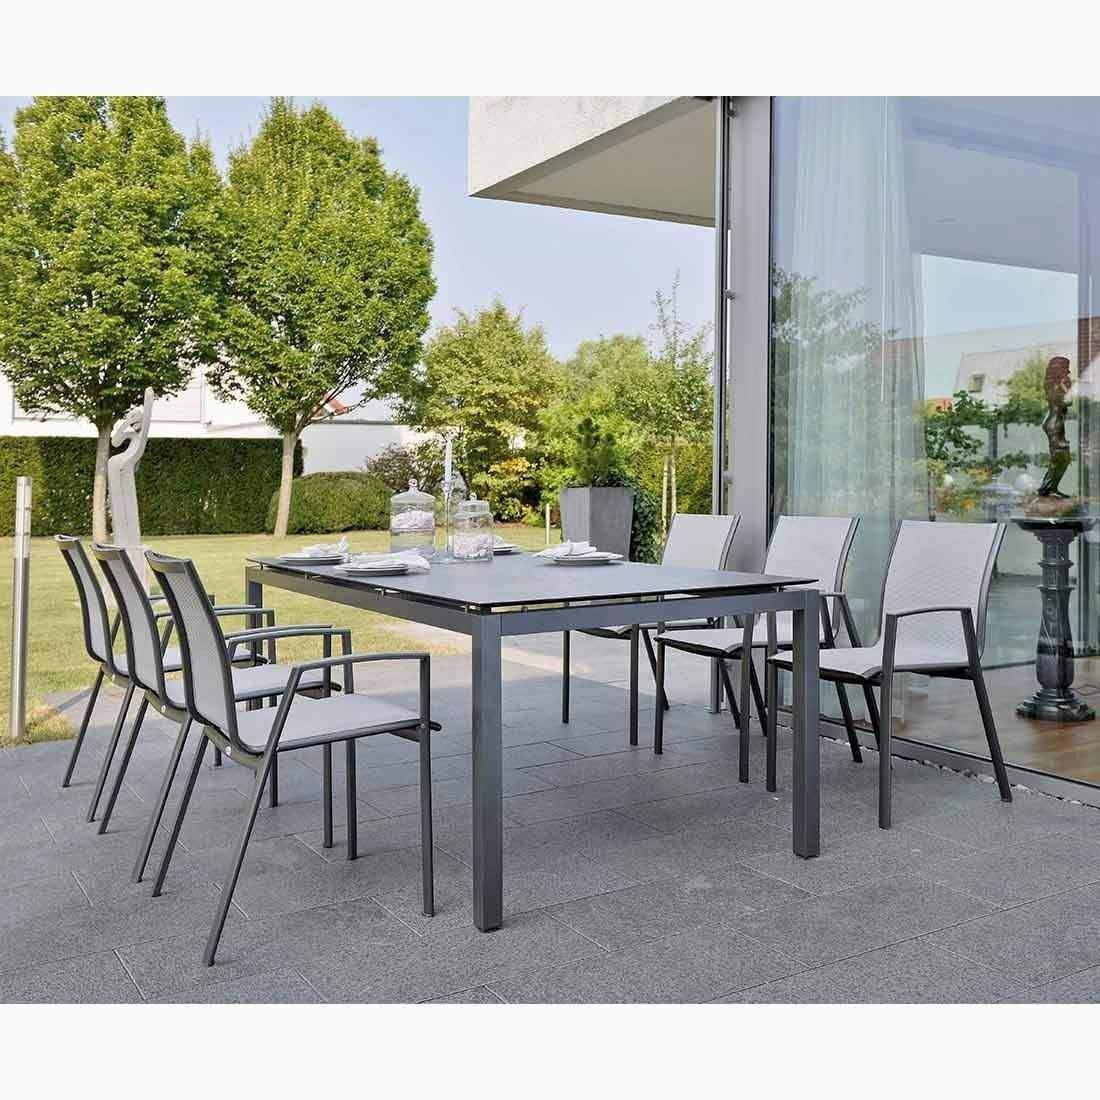 Bauholz Möbel Garten Reizend 11 Möbel De Stühle Luxus